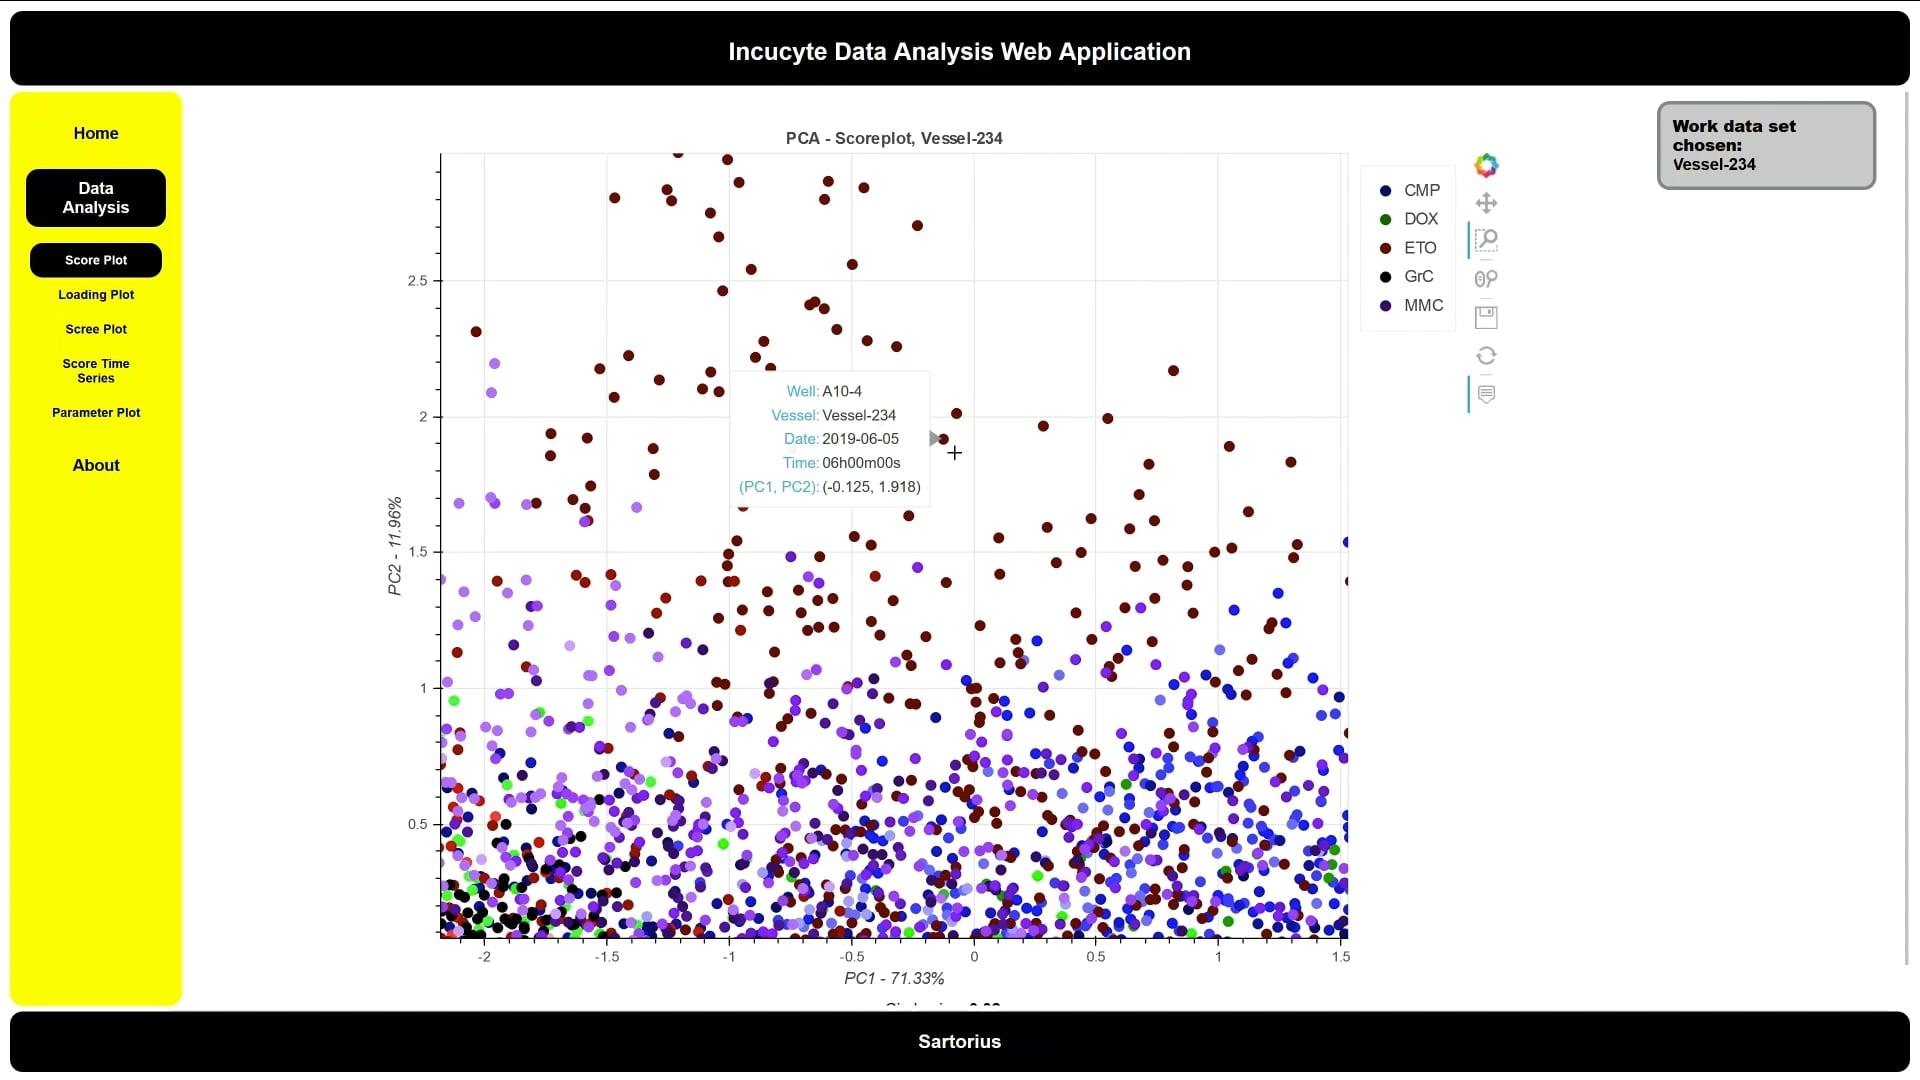 Film: Applikation för datananalys